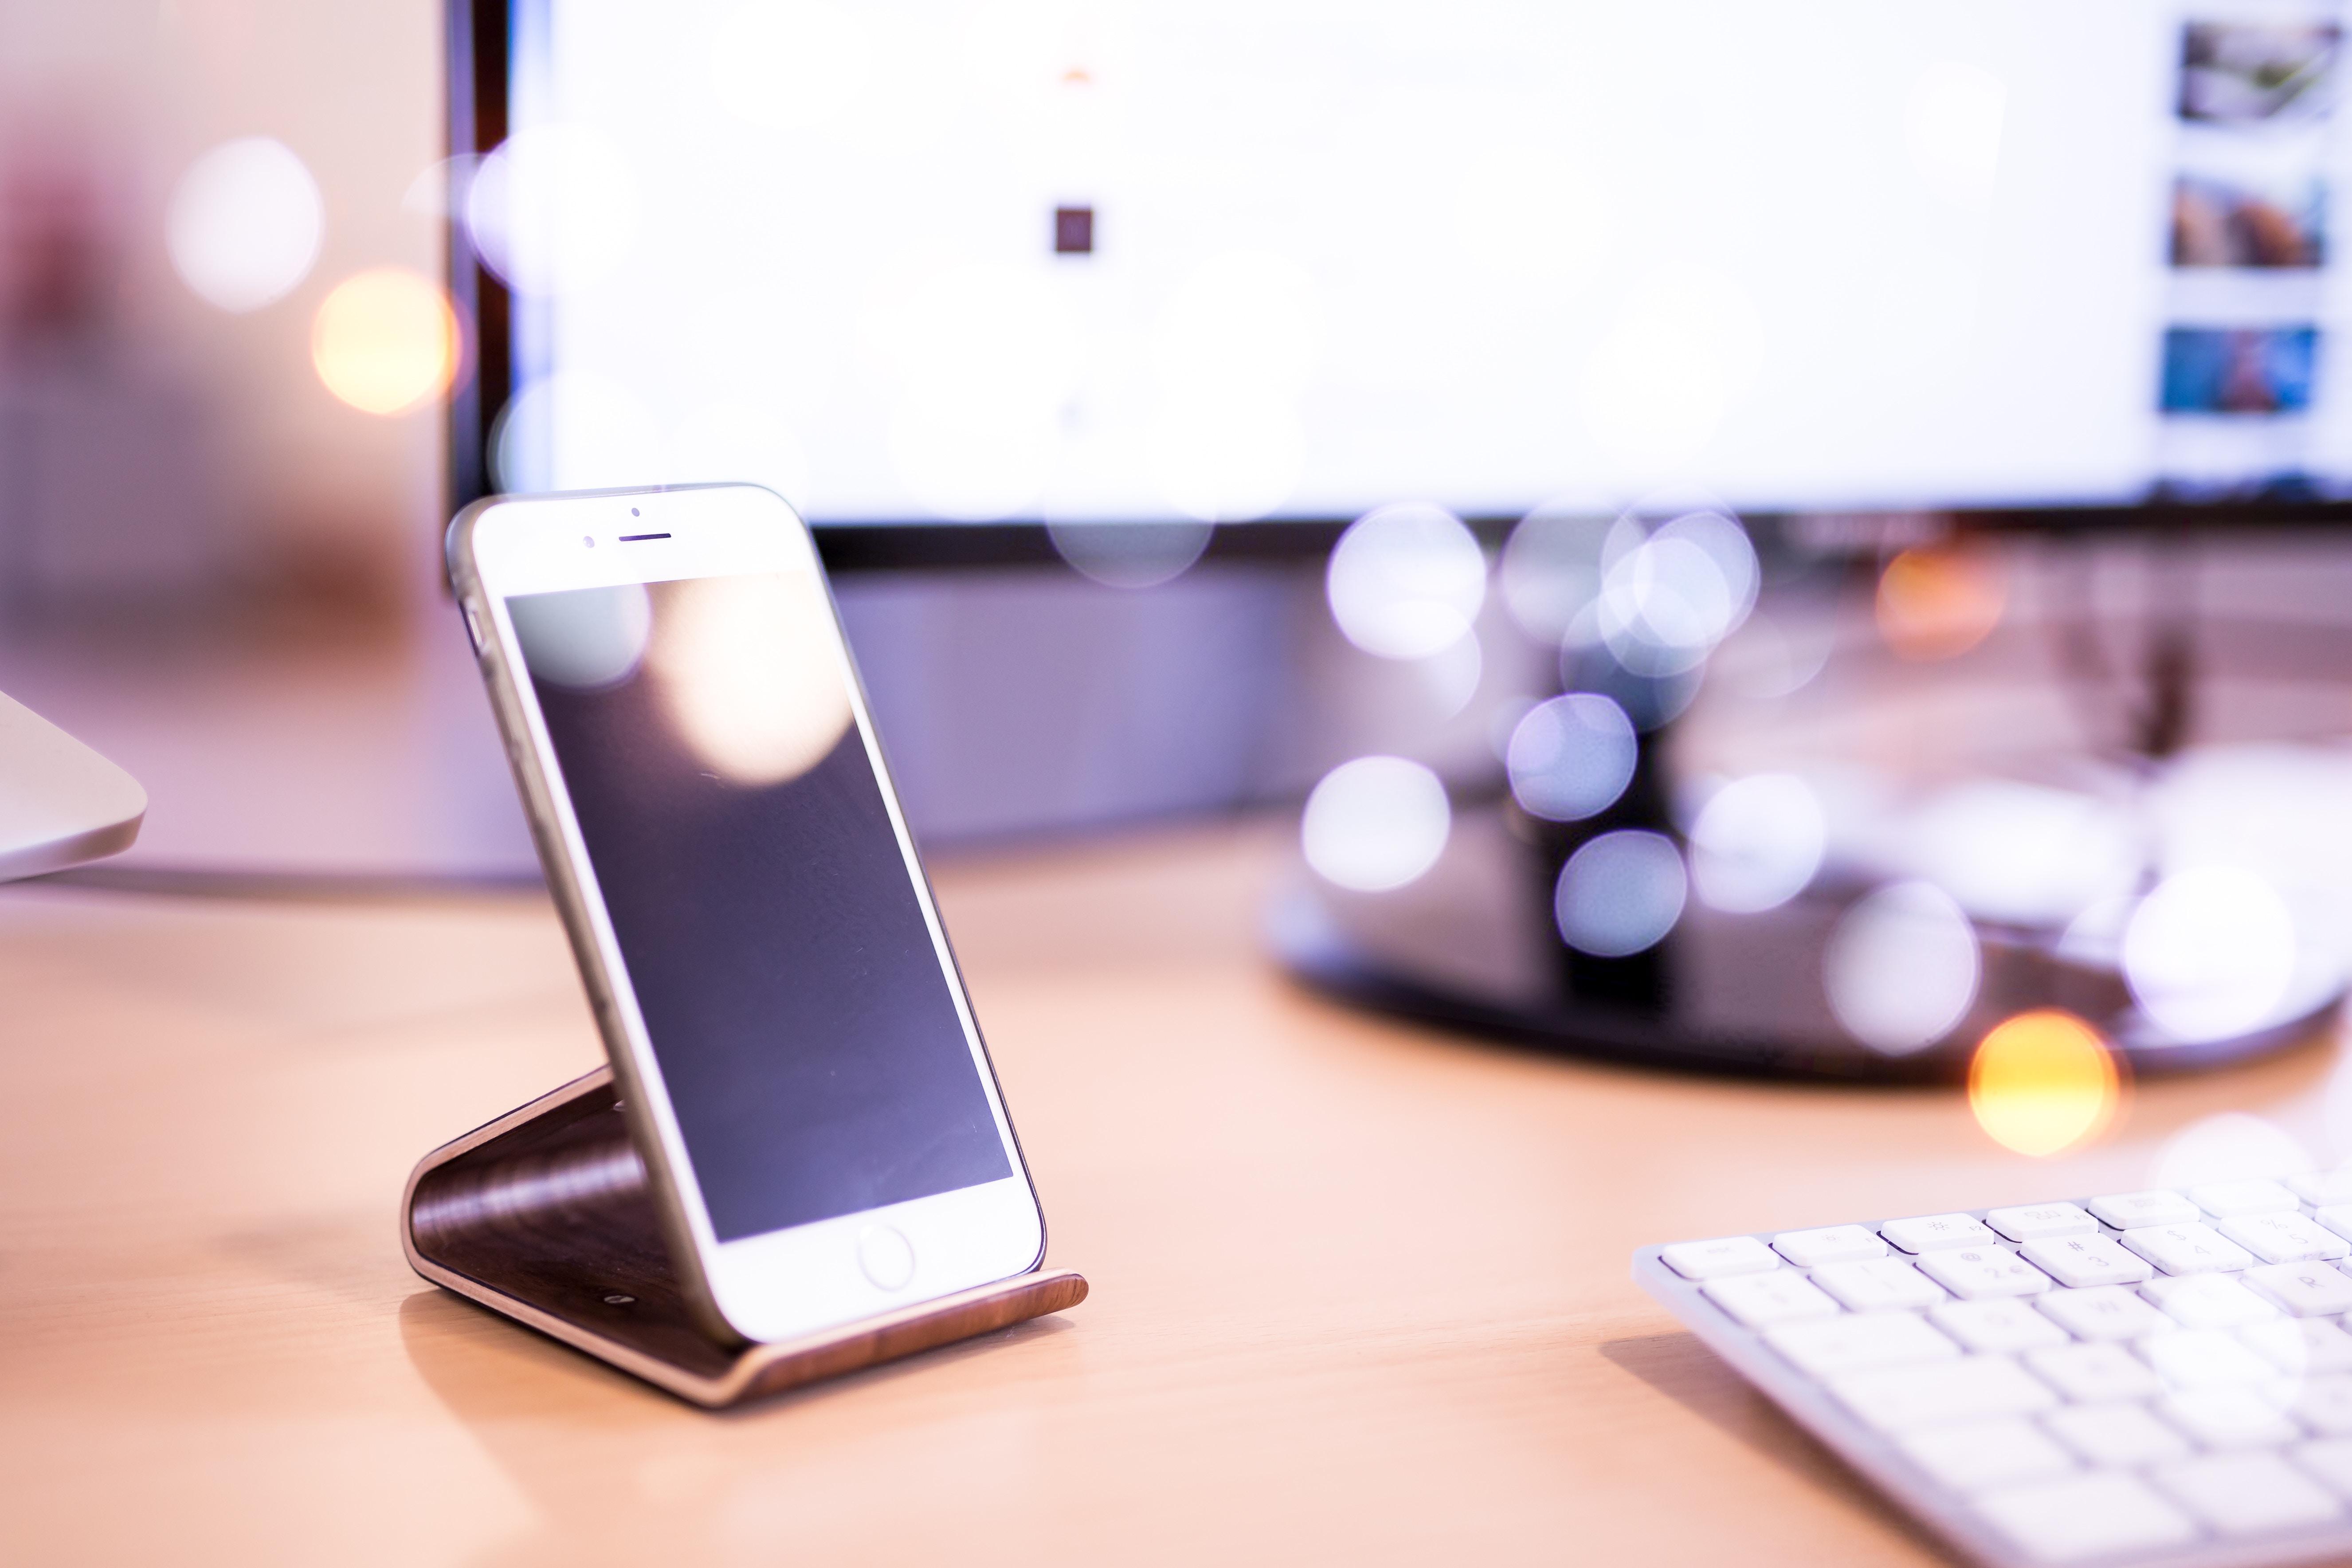 BIGMOTOR(ビッグモーター)の買取査定は電話がしつこい?対処法やおすすめの売却方法をご紹介